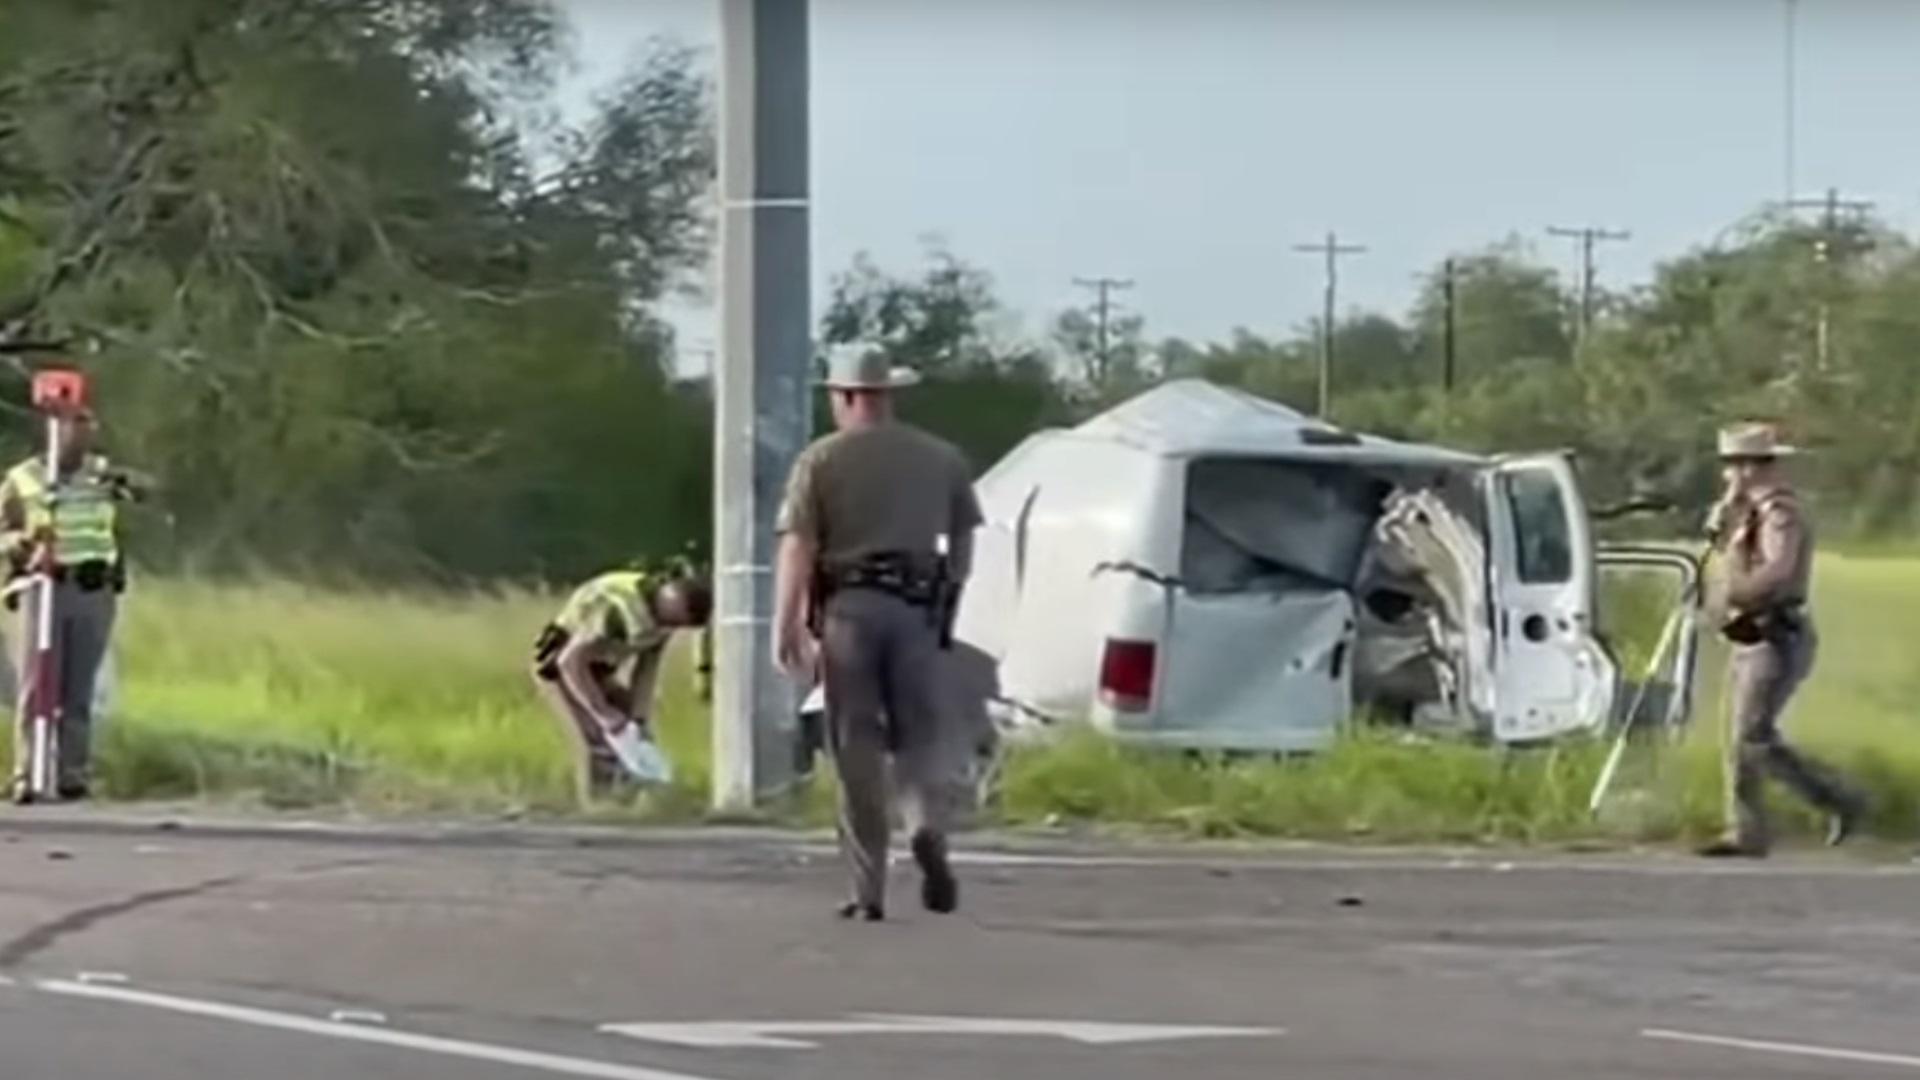 ΗΠΑ: Πολύνεκρο τροχαίο με 10 νεκρούς στο Τέξας – Ανατράπηκε βαν που μετέφερε μετανάστες